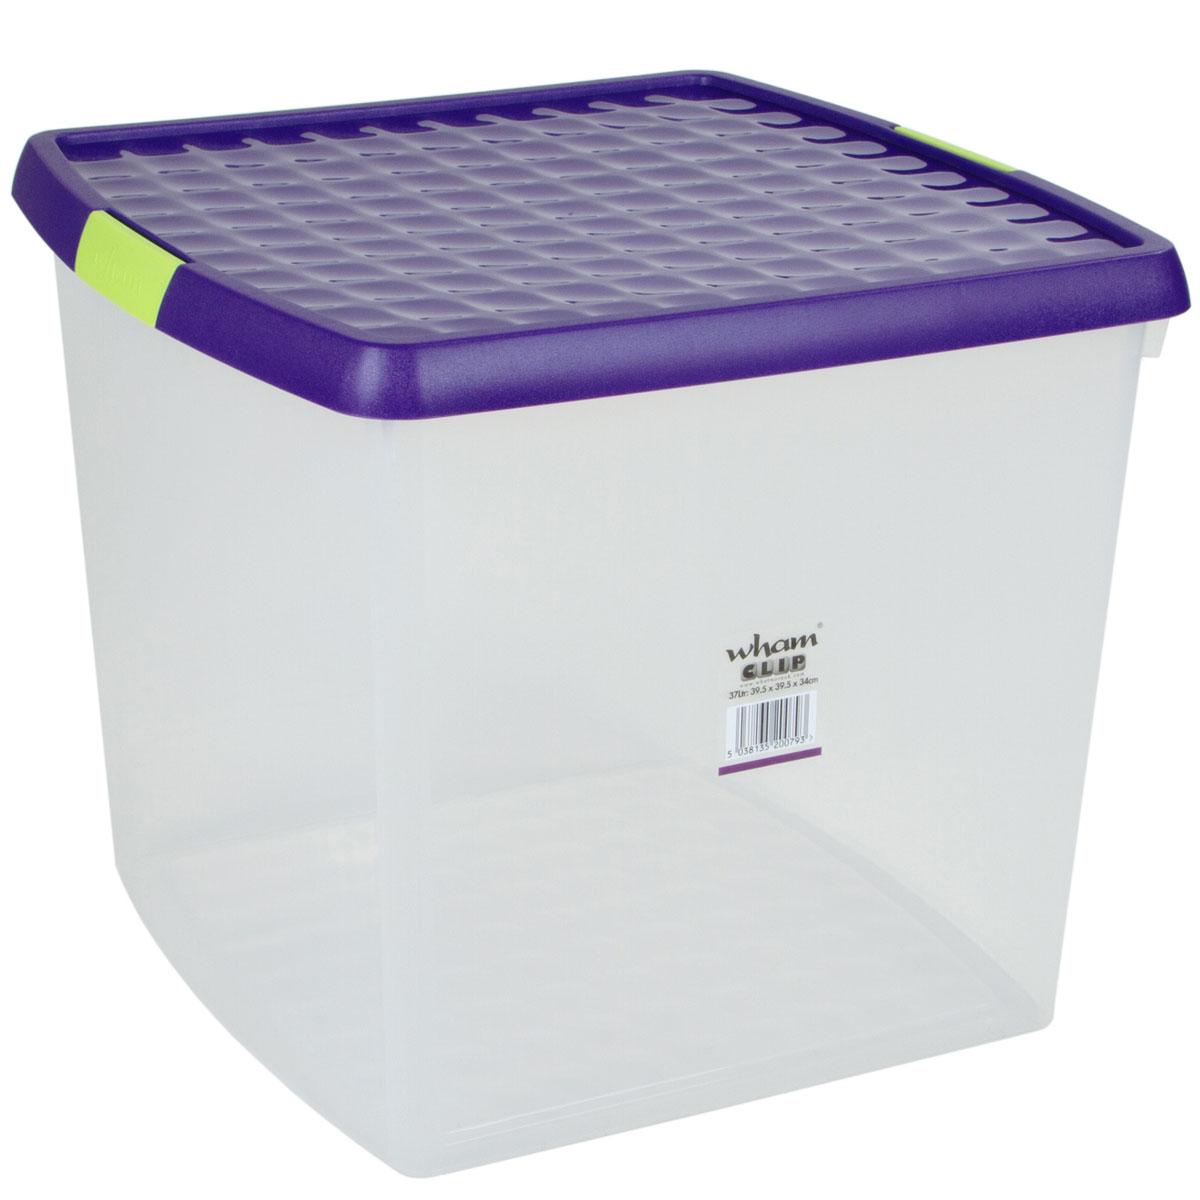 Aufbewahrungsbox-Deckel-Multifunktions-Box-Kunststoff-Spielzeug-Stapel-Kiste-XXL